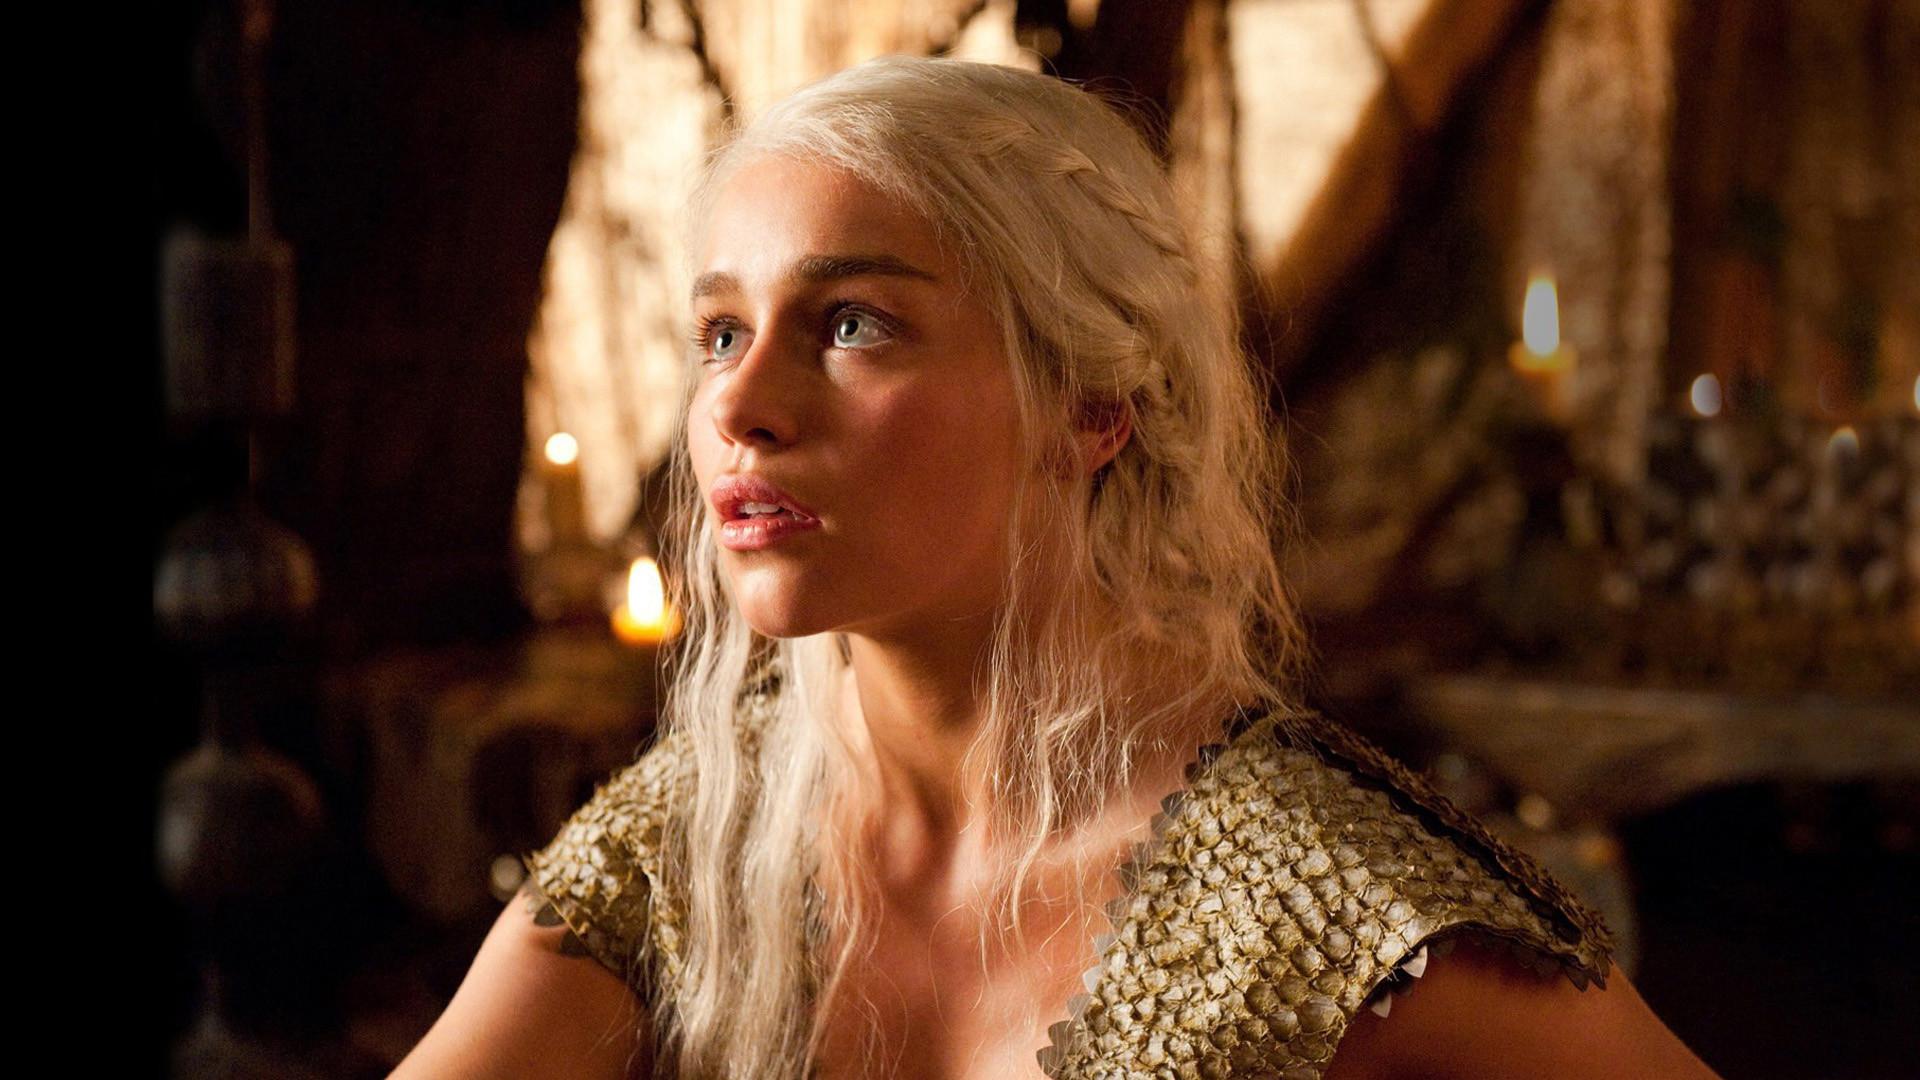 Daenerys Targaryen And Khal Drogo Wallpaper Download